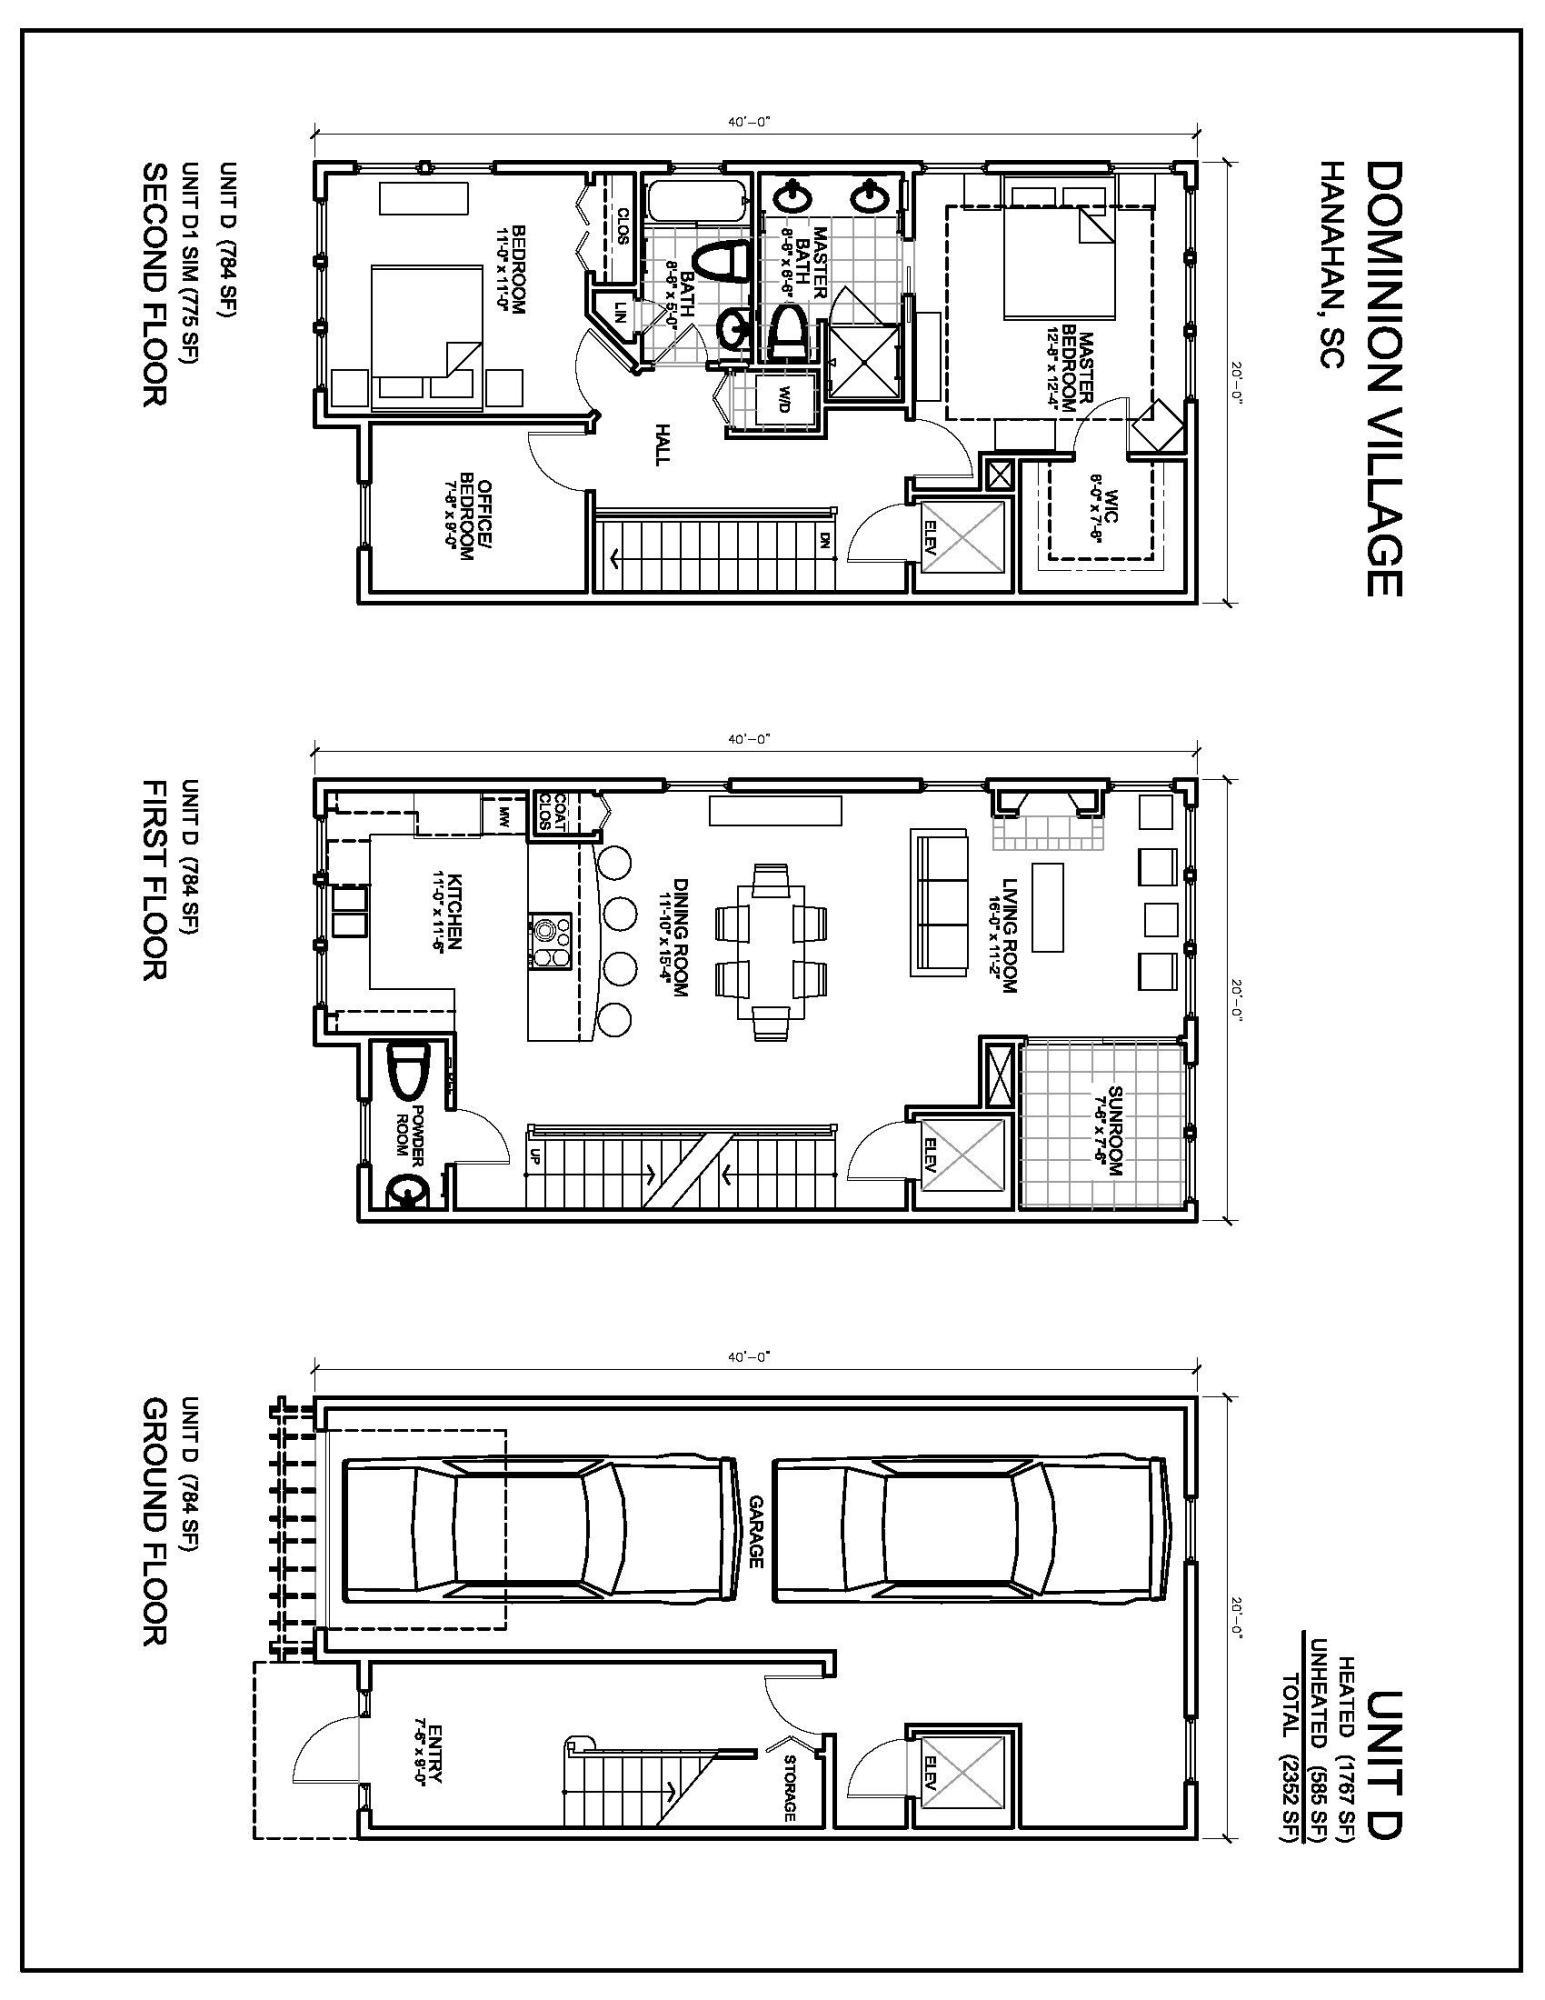 5911 Steward Street Hanahan, SC 29410